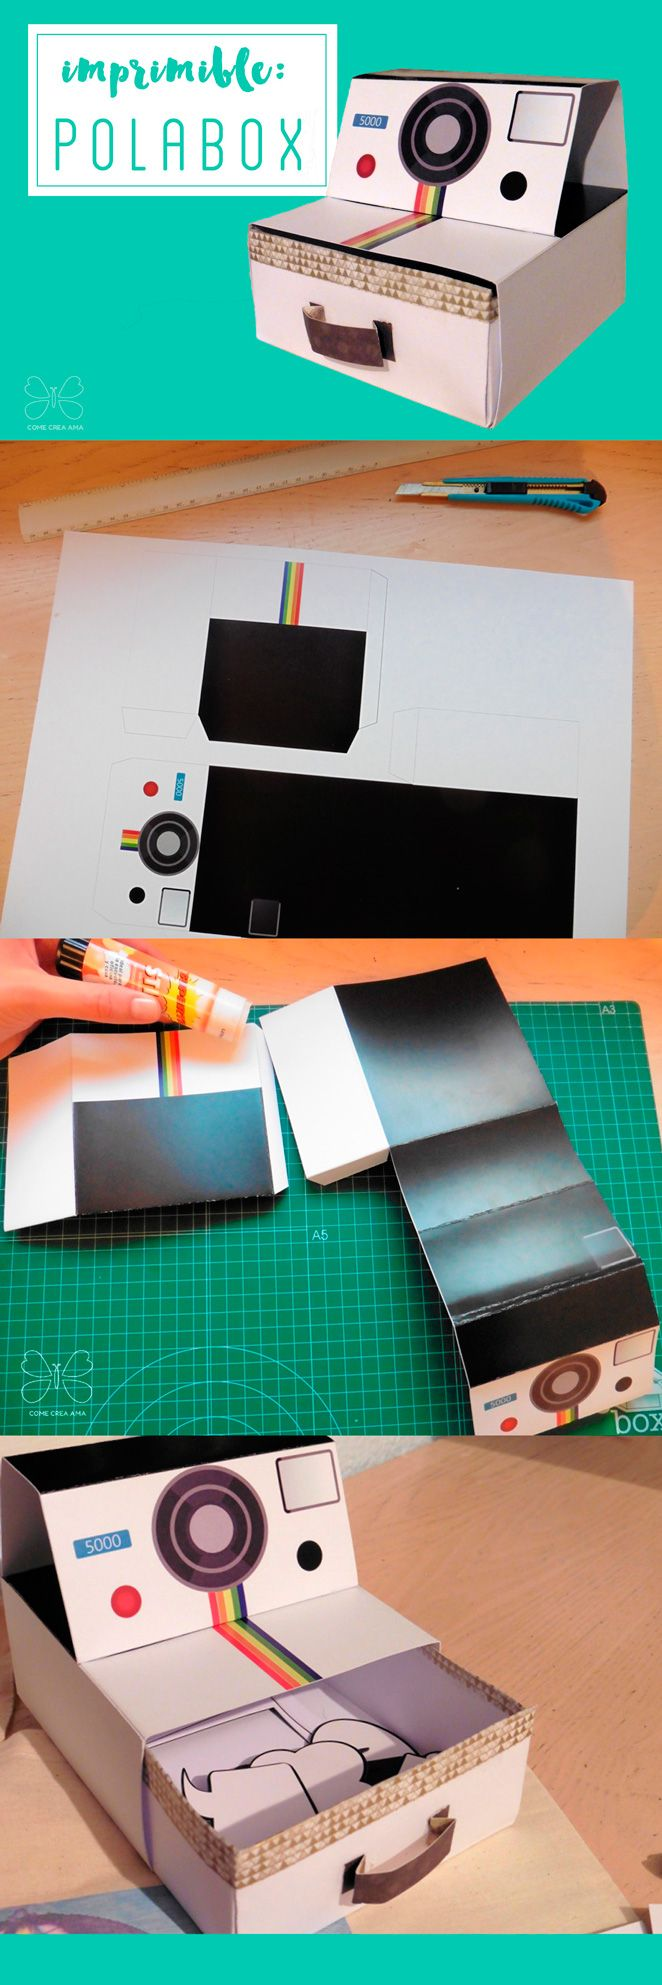 free printable polabox caja polaroid imprimible